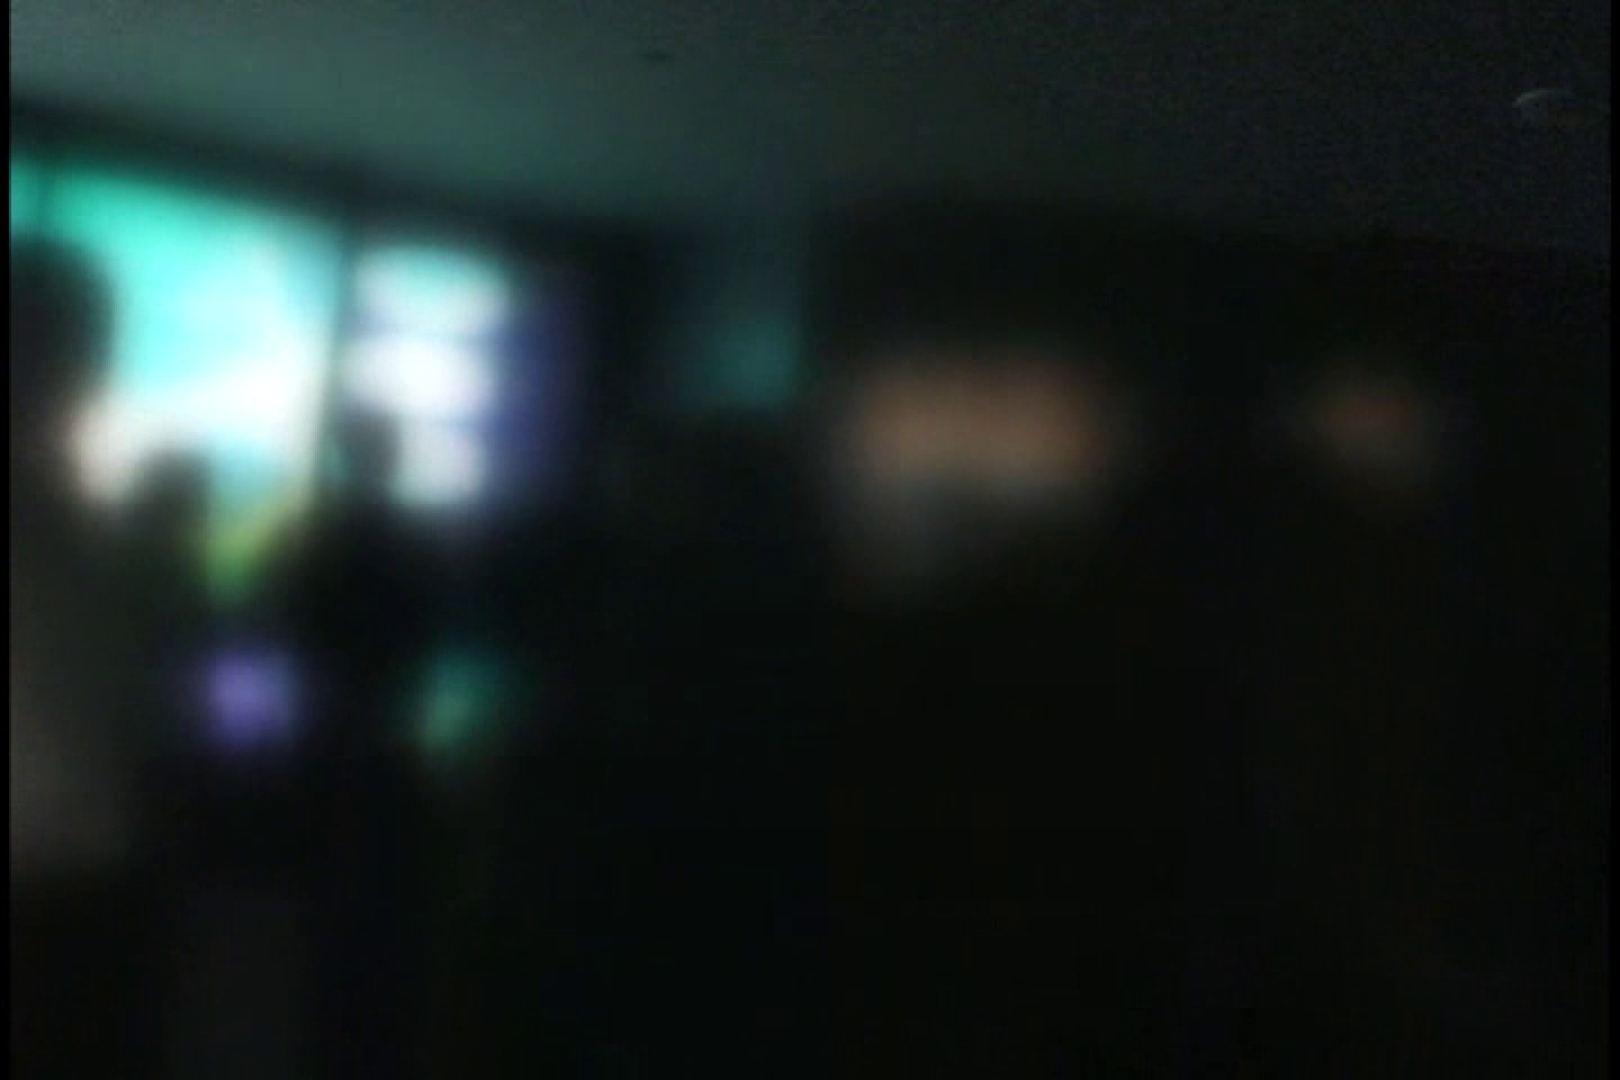 JDハンター全国ツアー vol.025 前編 HなOL おめこ無修正画像 89pic 34